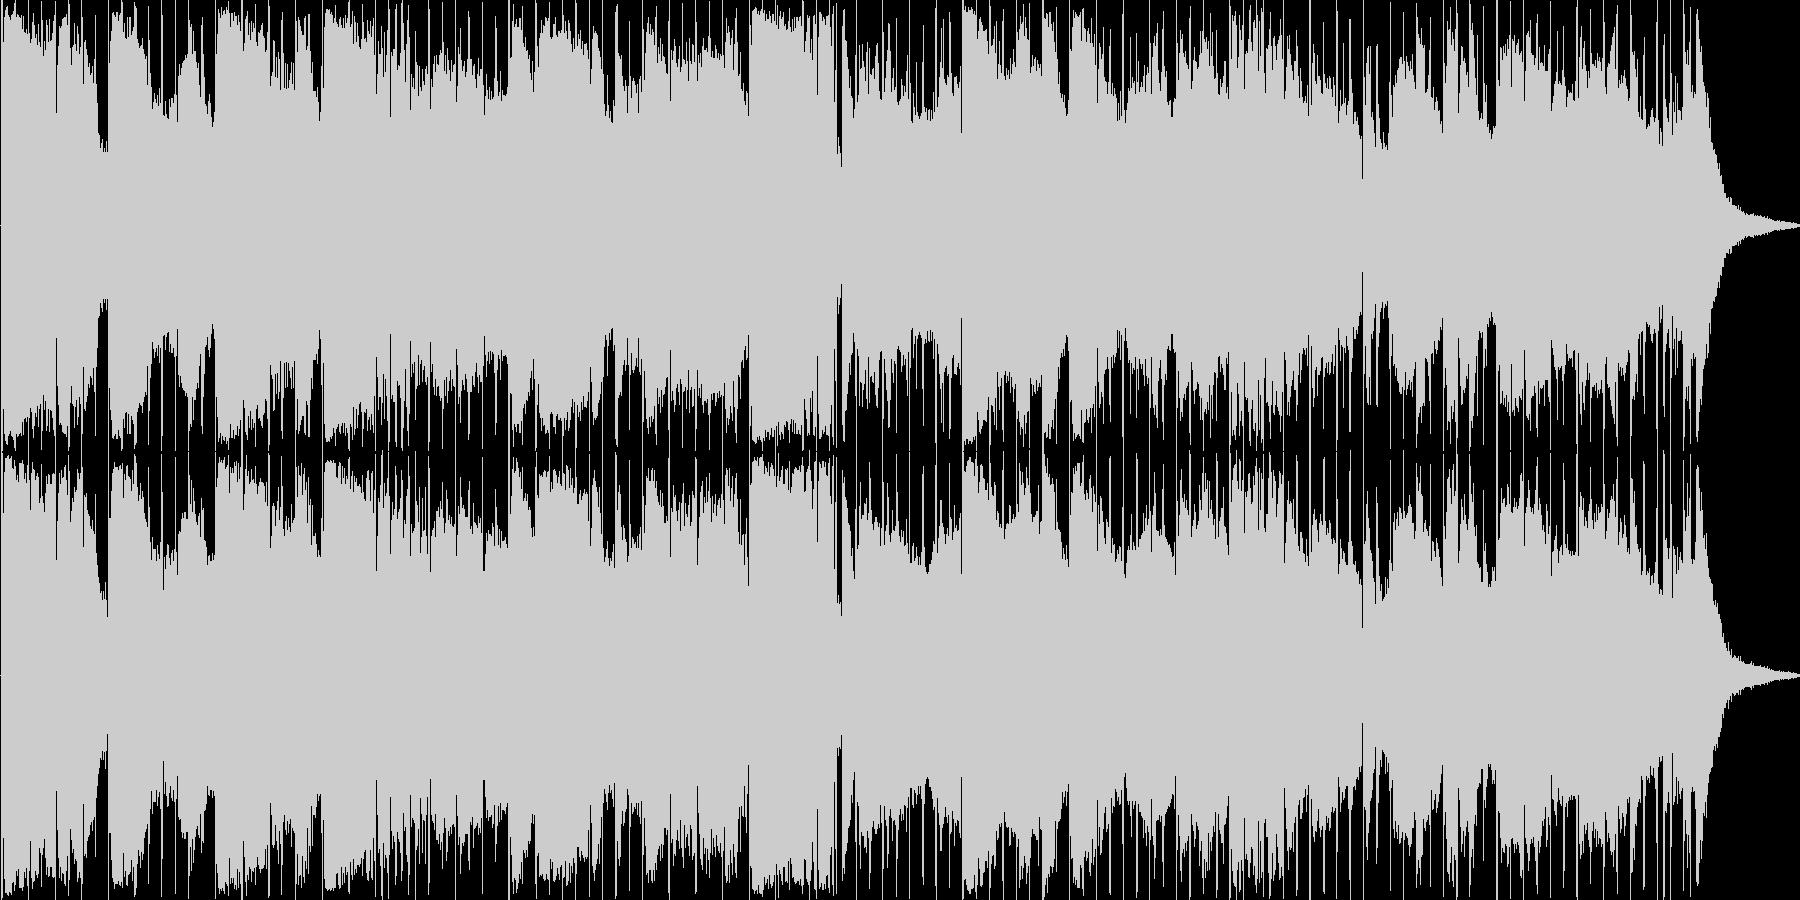 レトロRPGのオープニングをイメージし…の未再生の波形